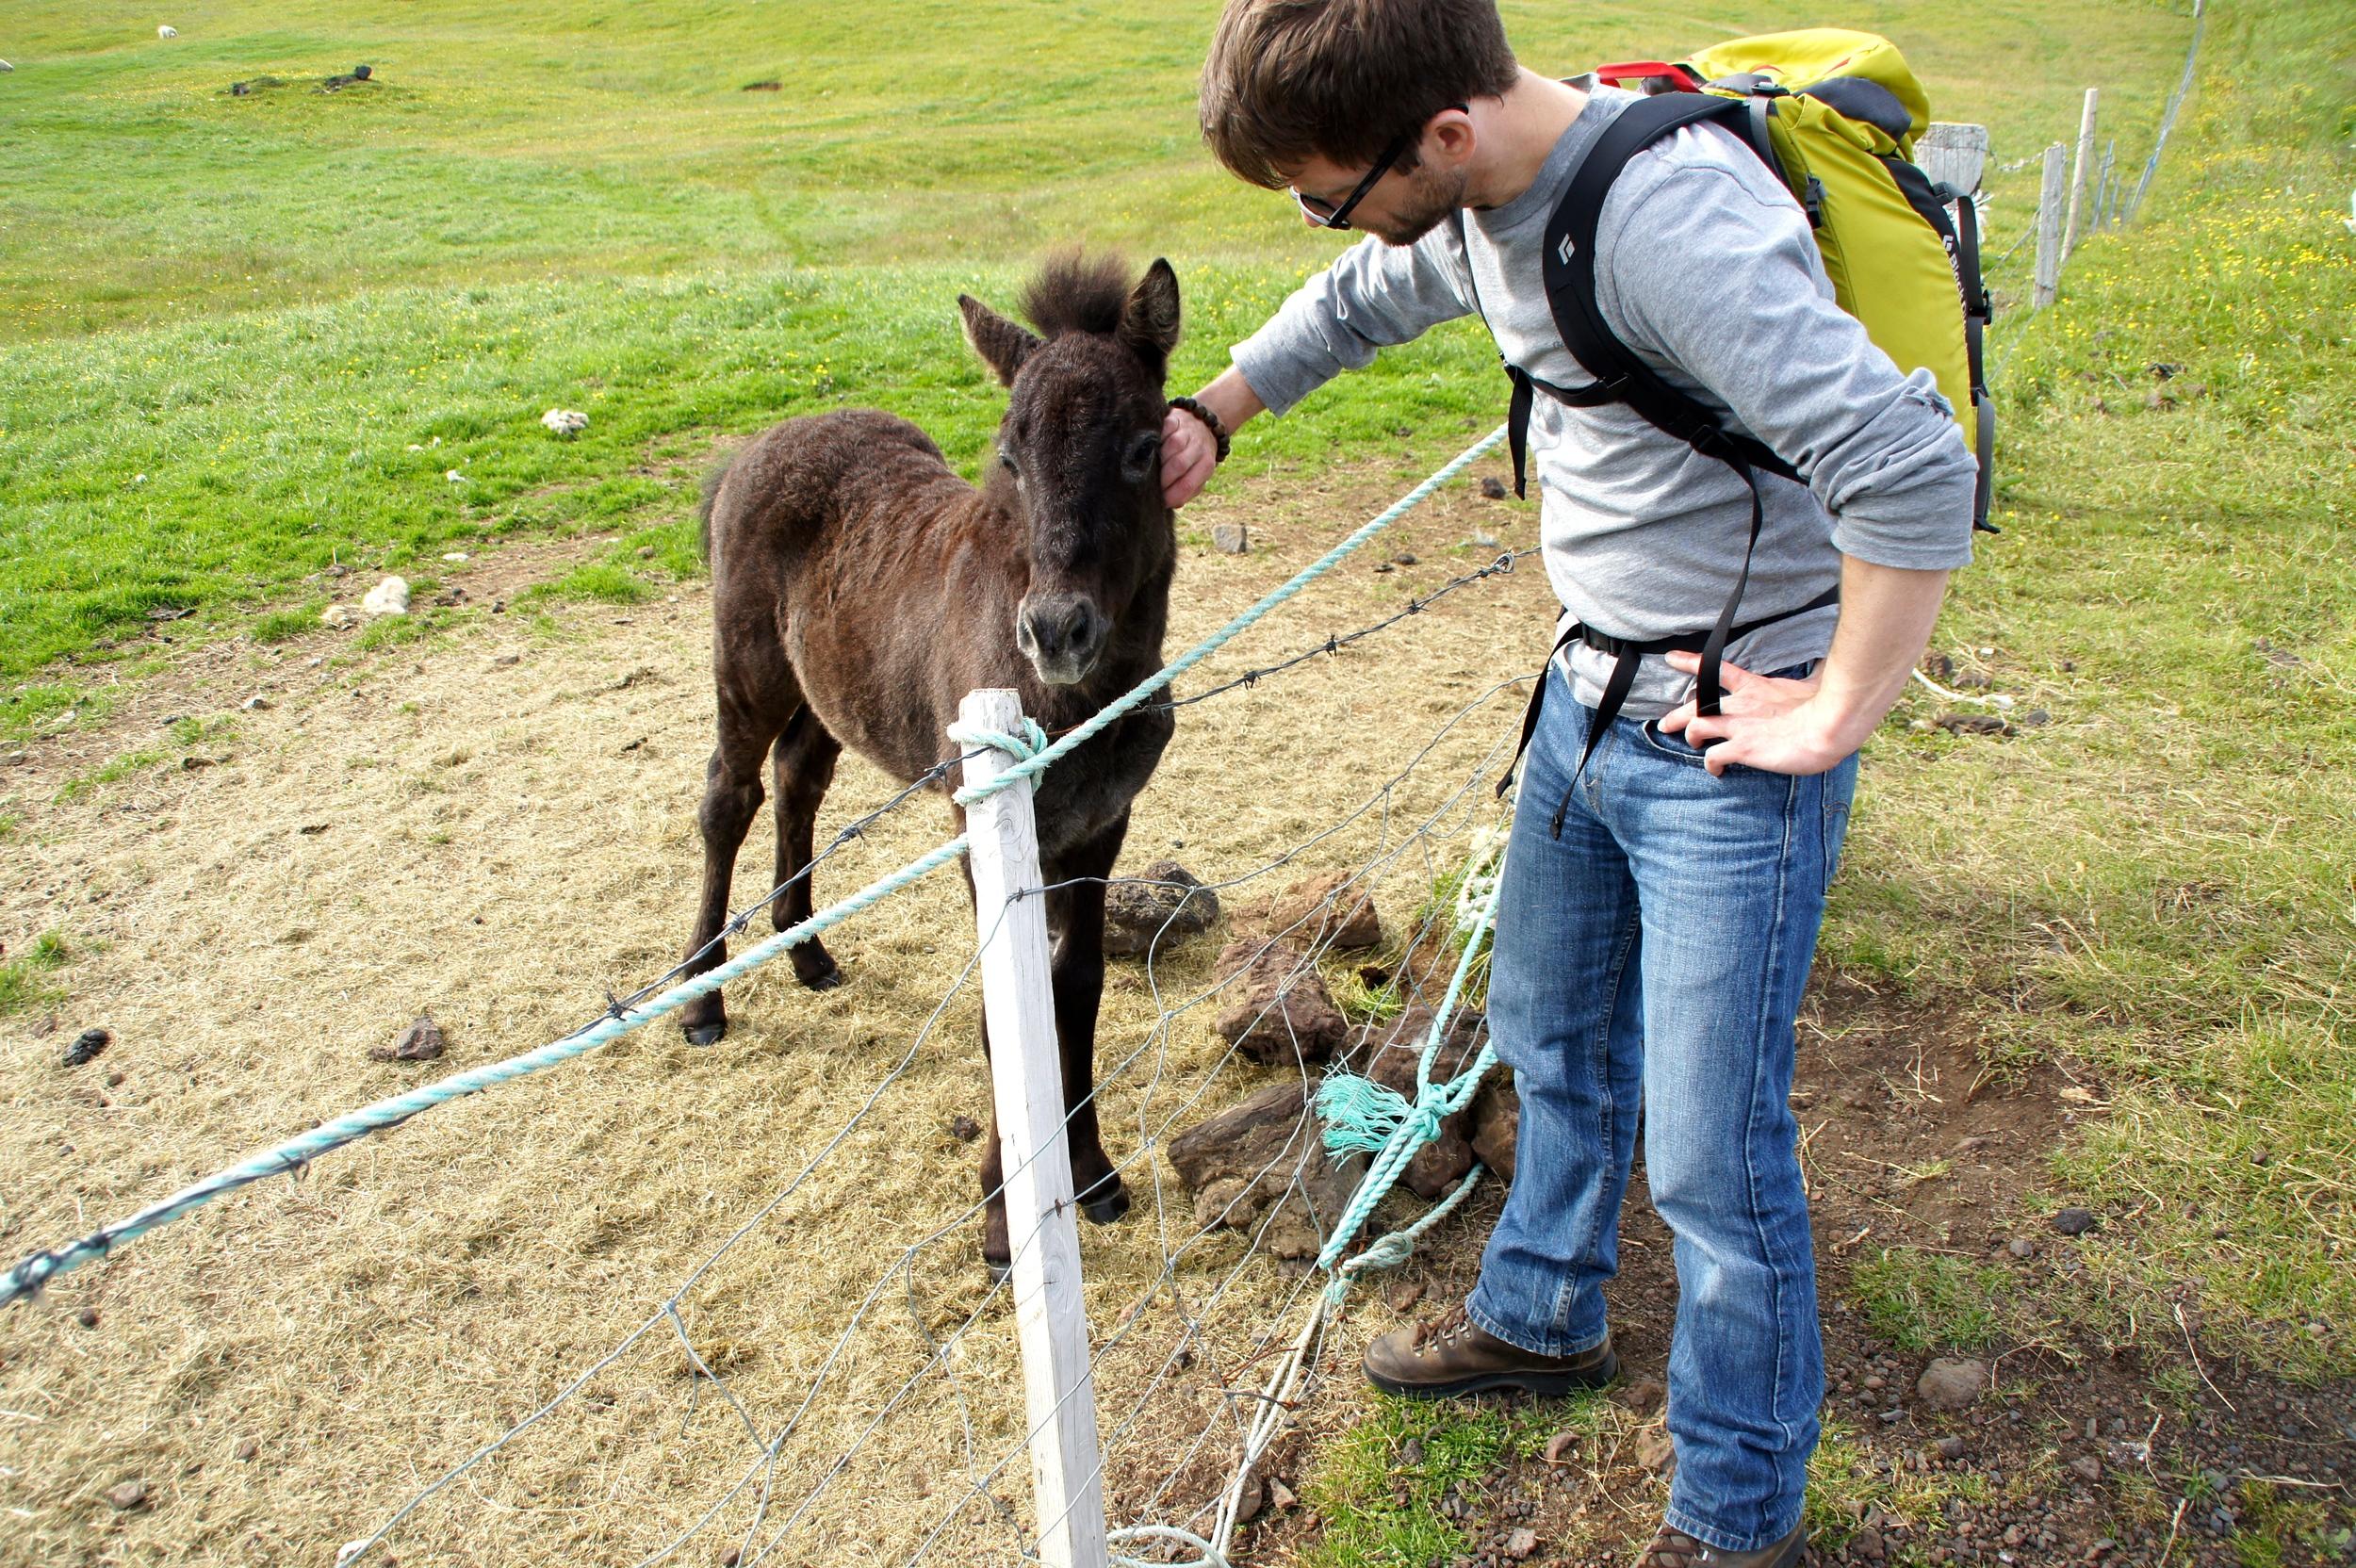 Chris befriending a young foal.